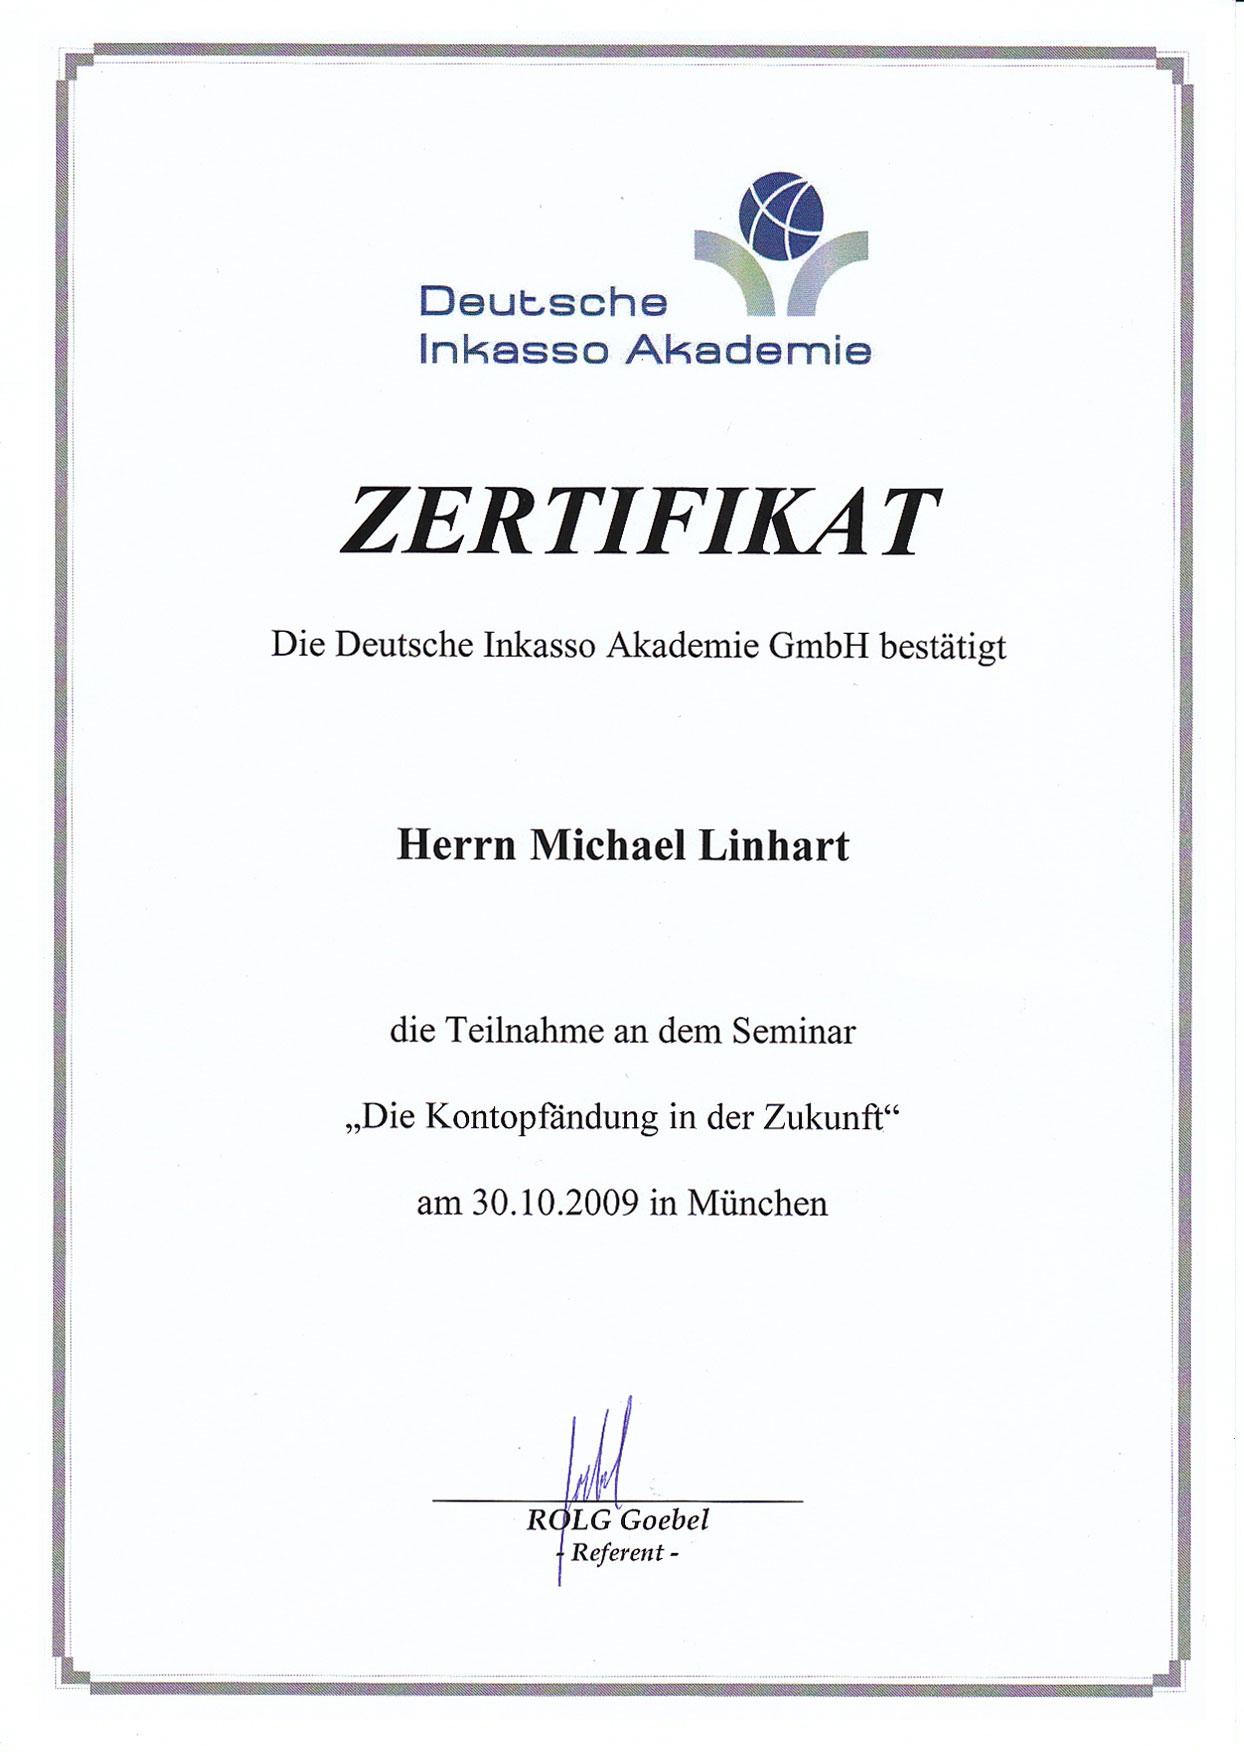 Niedlich Vorlage Für Ruhestandszertifikate Fotos - Beispiel Business ...